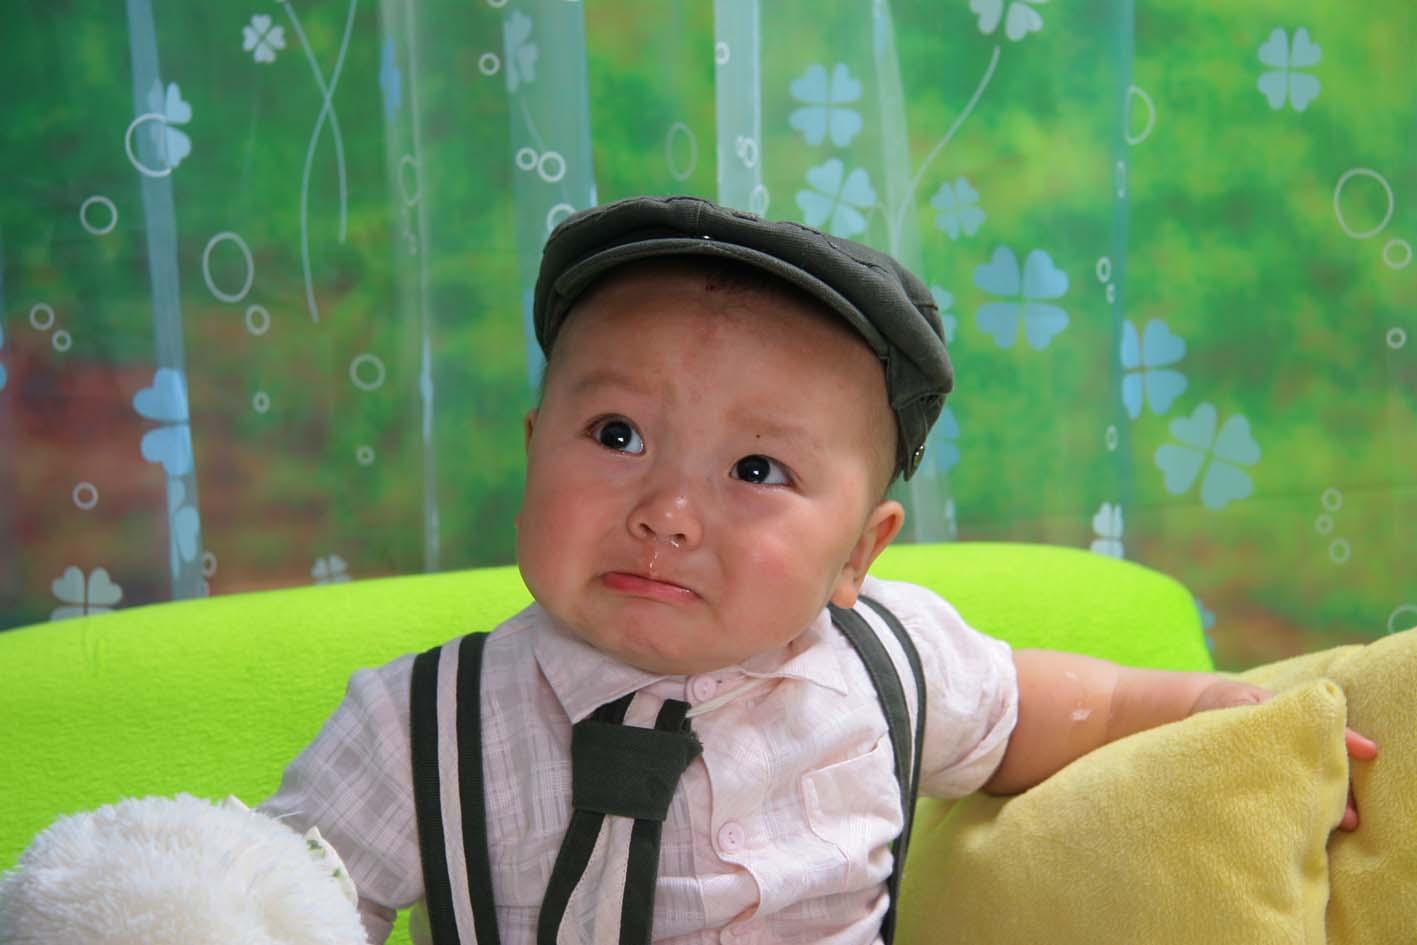 可爱宝宝桌面图片桌面壁纸图片下载; 纯真可爱baby婴儿超大宽屏高清